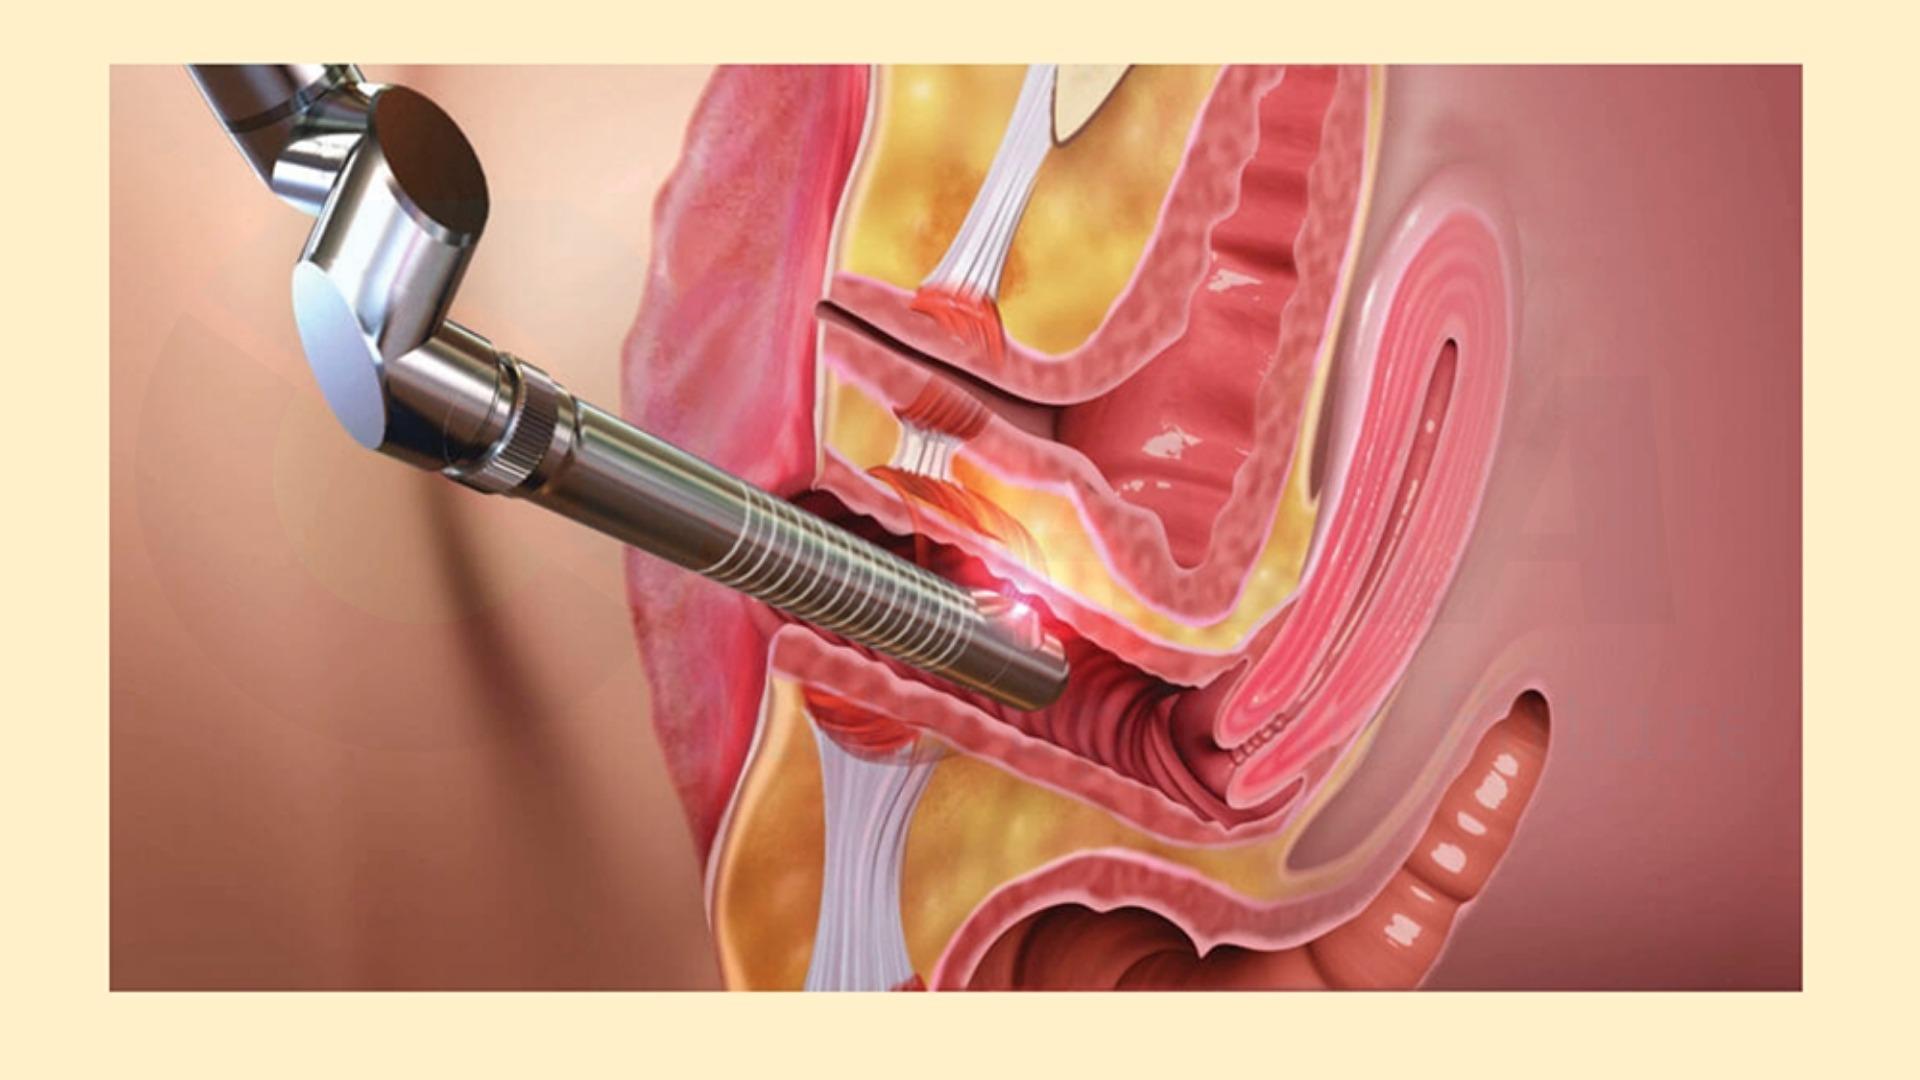 Nguyên lý hoạt động máy trẻ hóa âm đạo